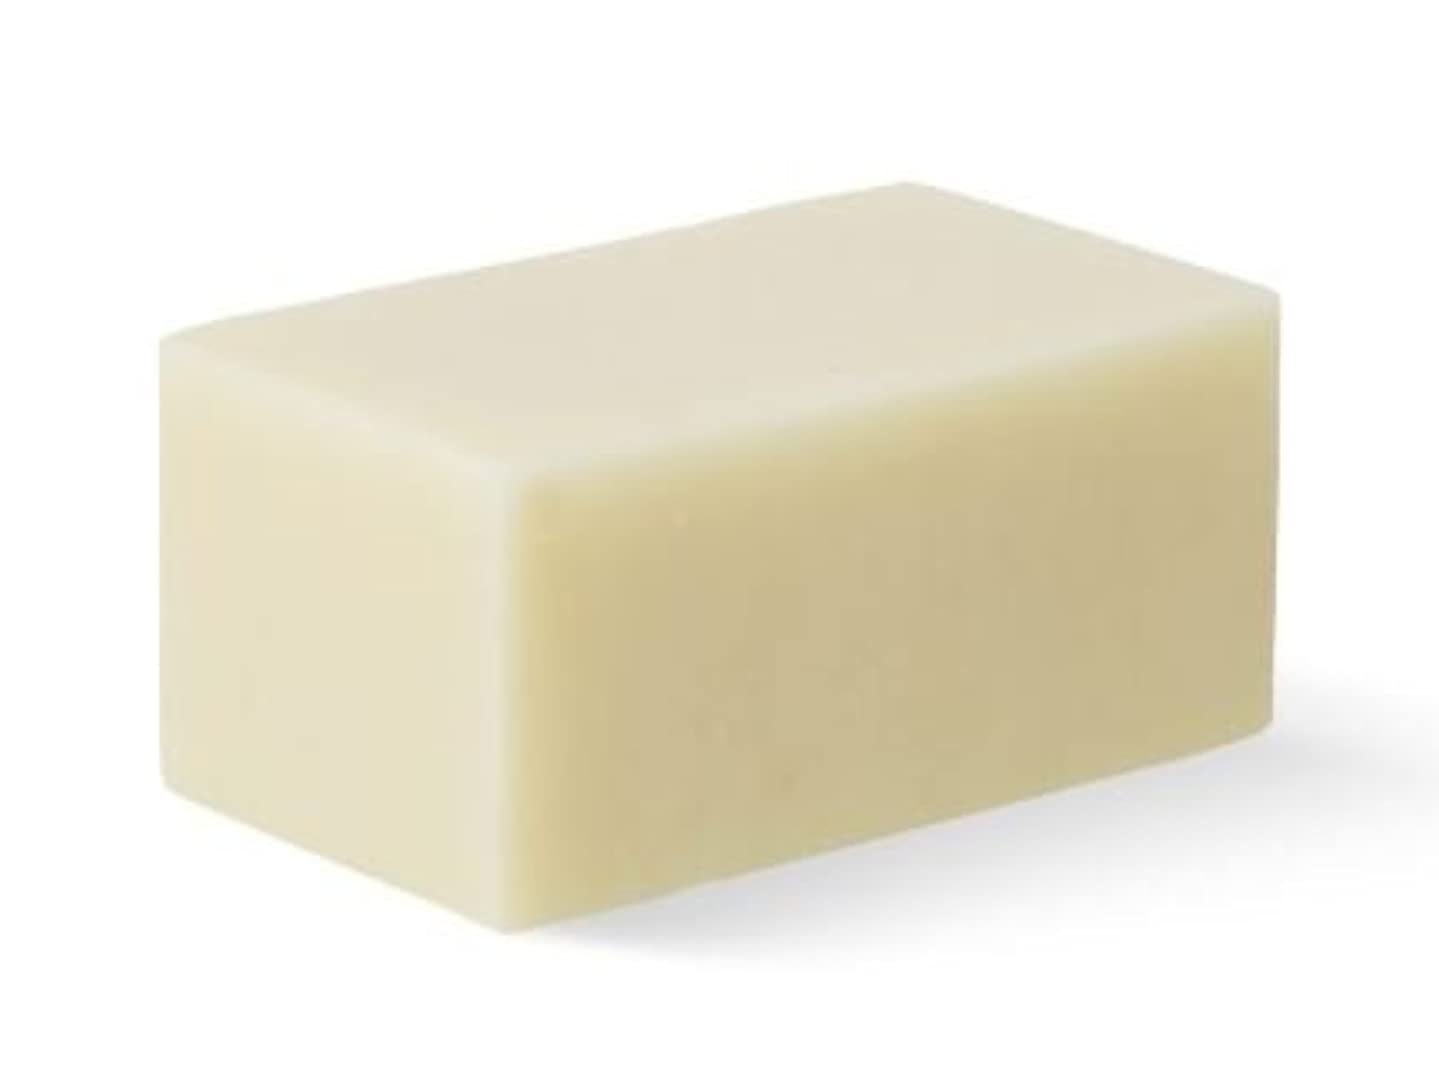 描くバスタブシーケンス[Abib] Facial Soap ivory Brick 100g/[アビブ]フェイシャルソープ アイボリー ブリック100g [並行輸入品]